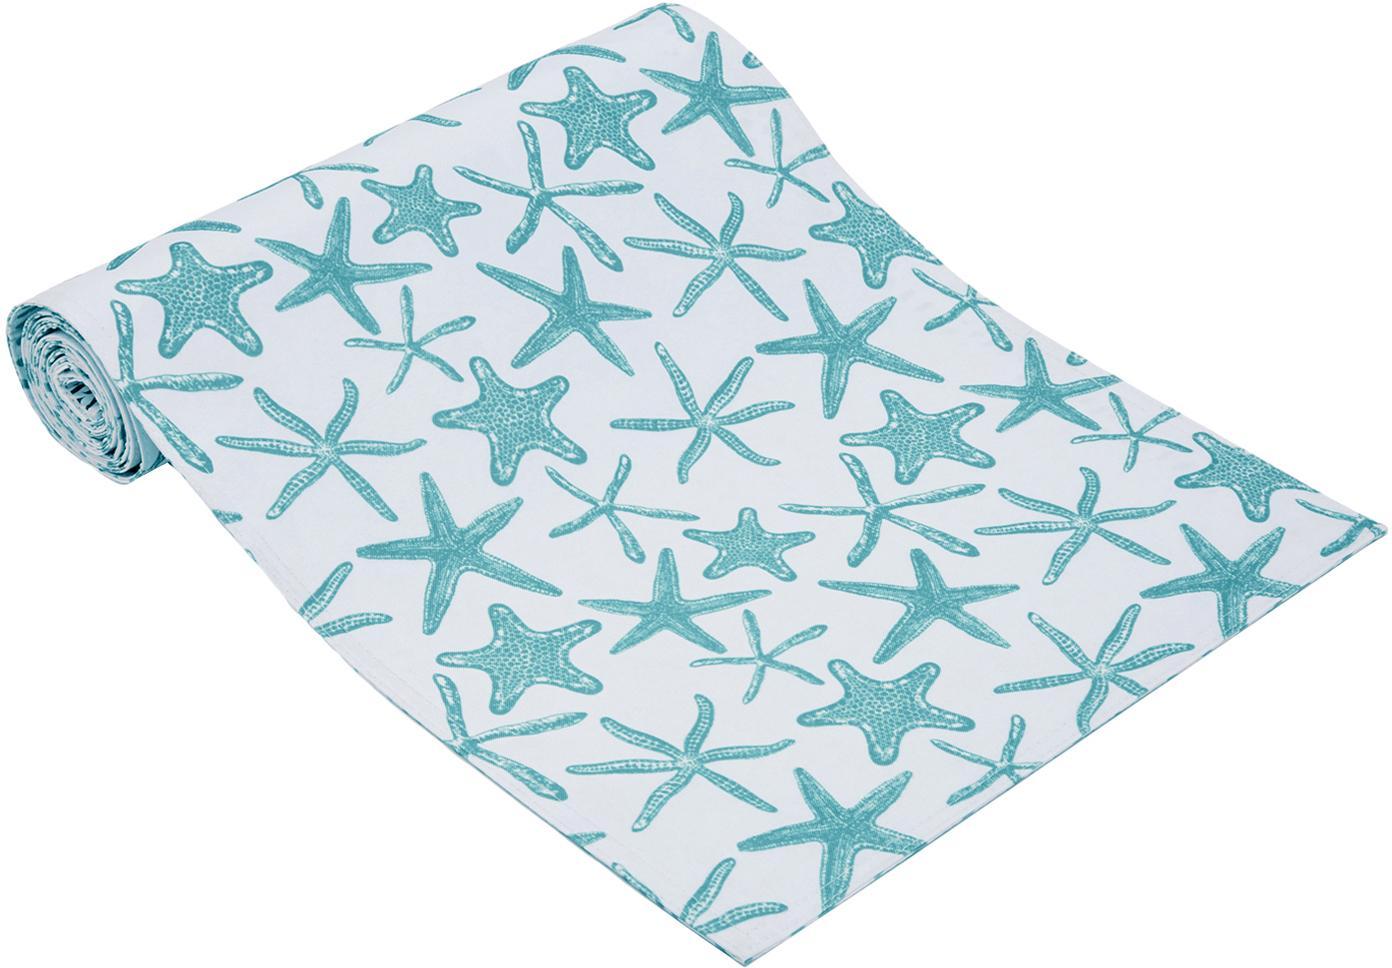 Dwustronny wodoodporny bieżnik Starbone, Poliester, Biały, niebieski, S 33 x D 178 cm